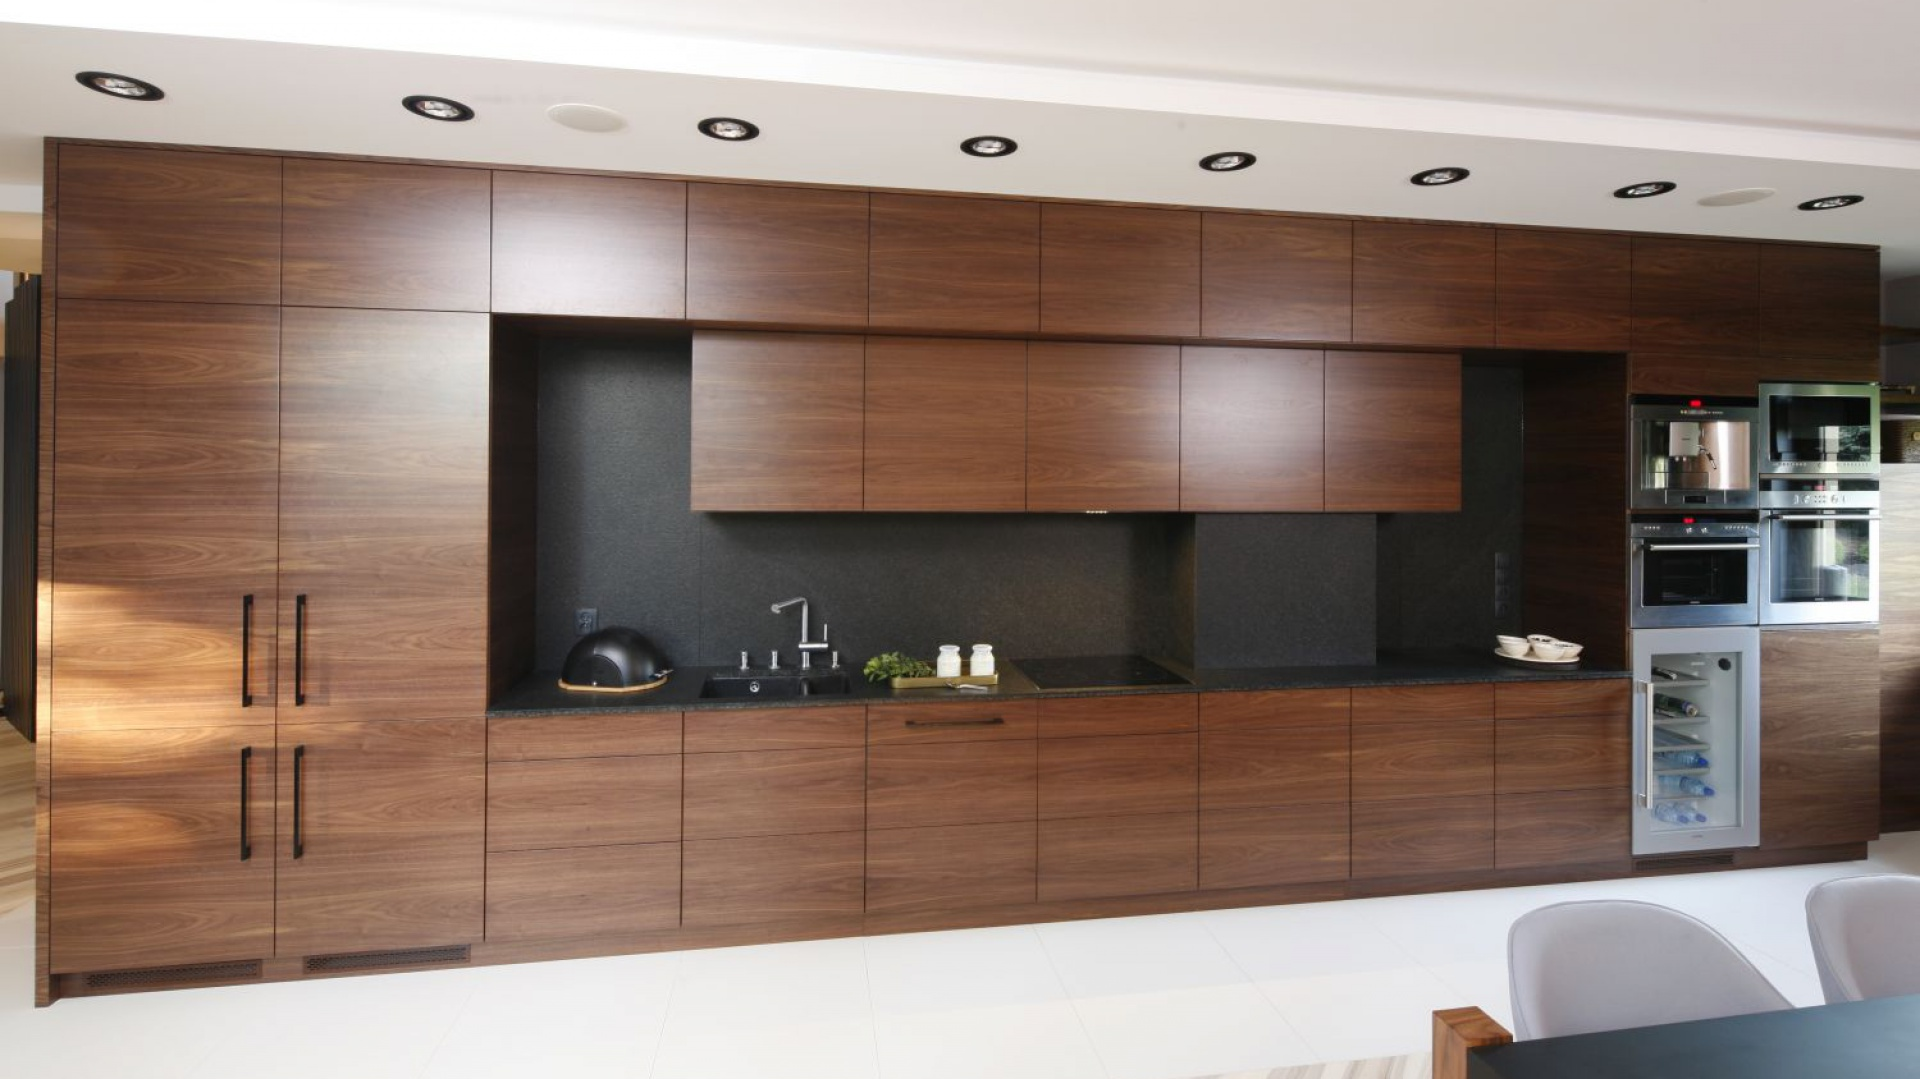 W Kuchni Połączonej Z Kuchnia W Drewnie Tania Nie Jest Ale Jaki Efekt Zdjęcia Z Realizacji